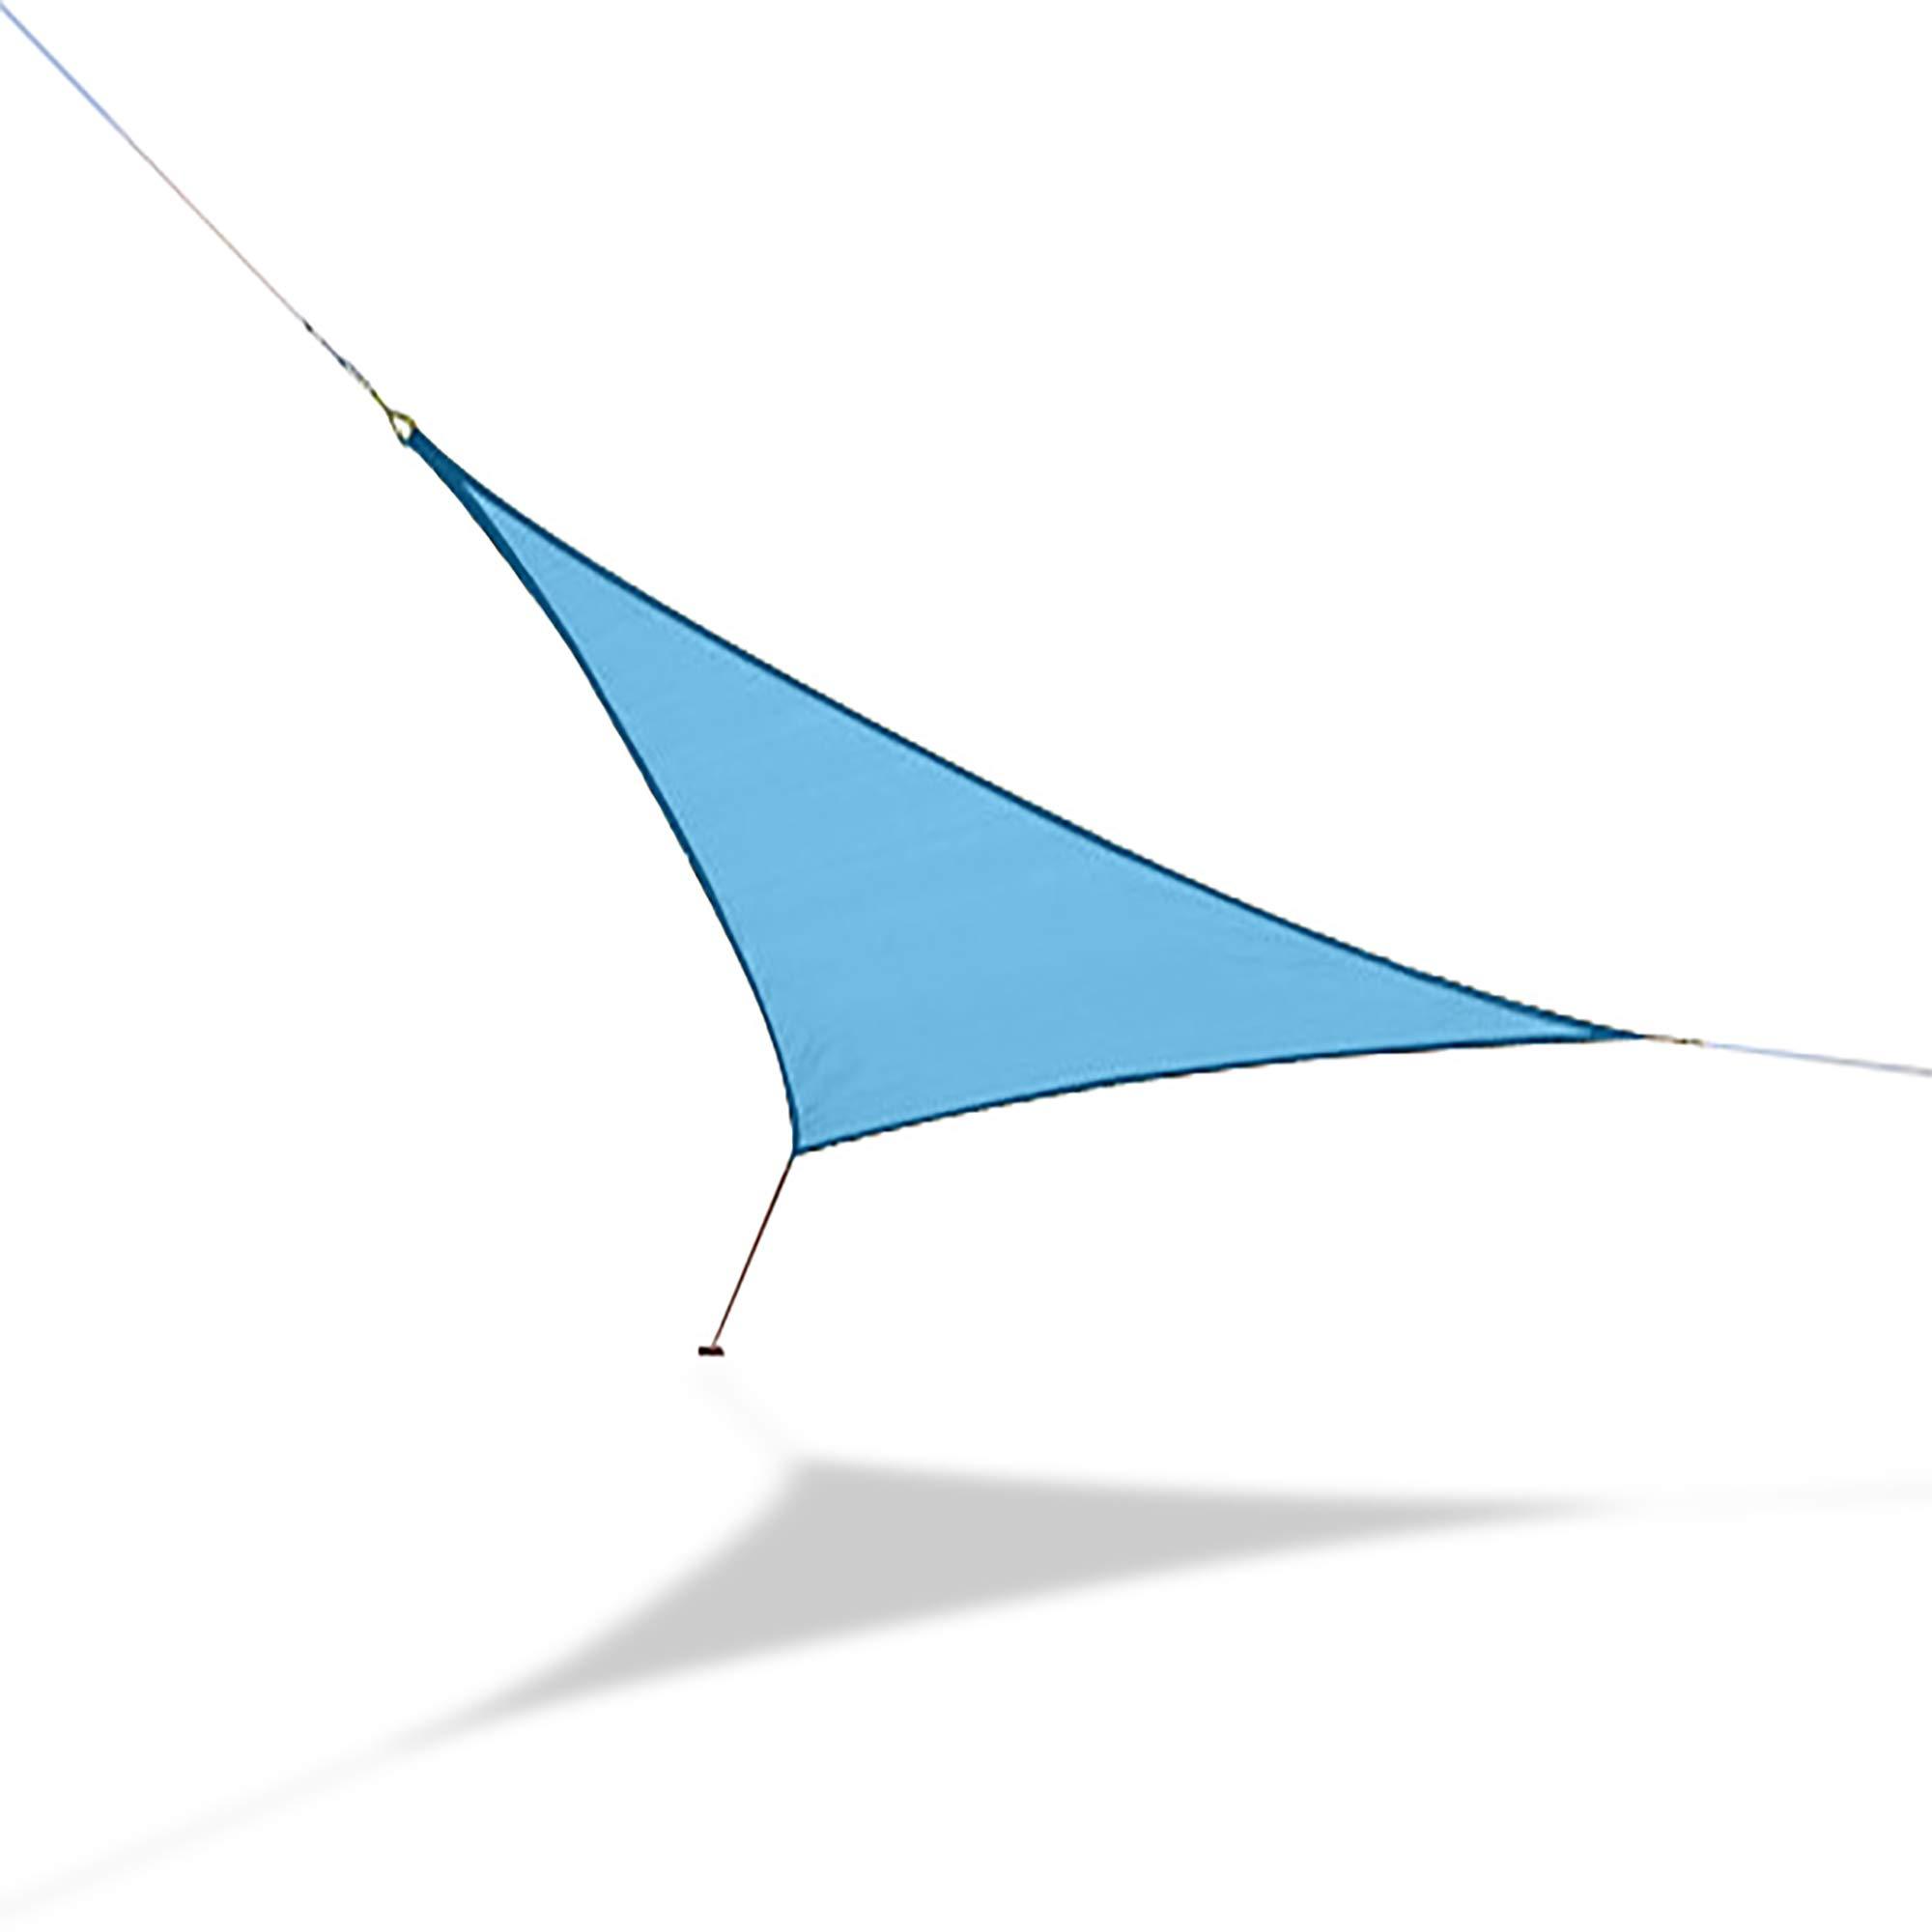 Hammaka Woven Backyard Triangle Sail Sun Shade (Medium, Turquoise Blue)